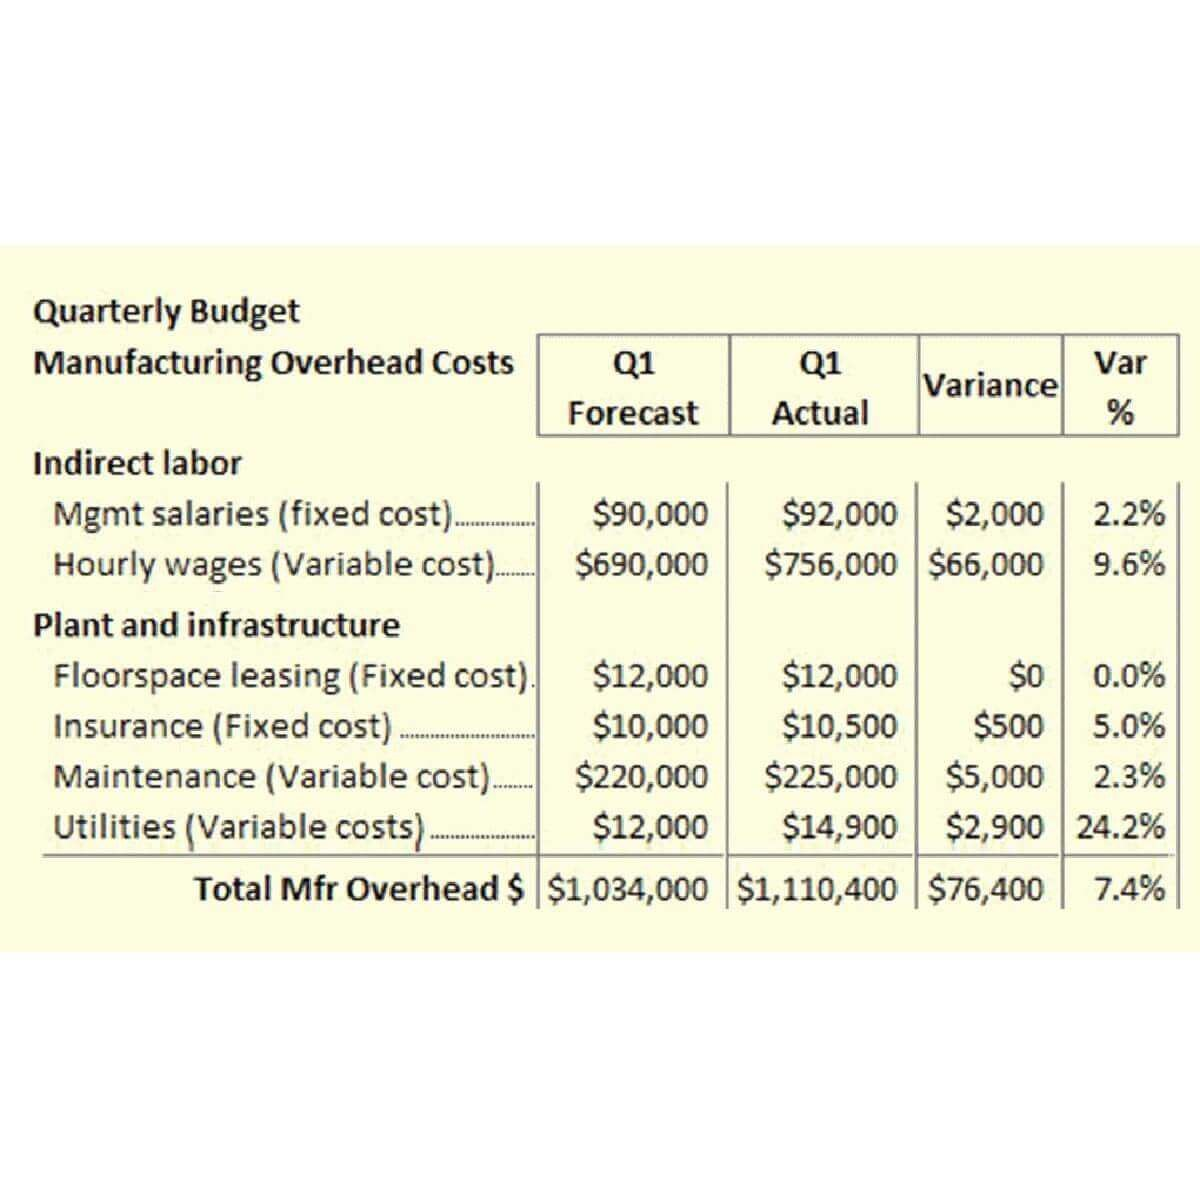 005 Shocking Sample Line Item Budget Format Concept Full